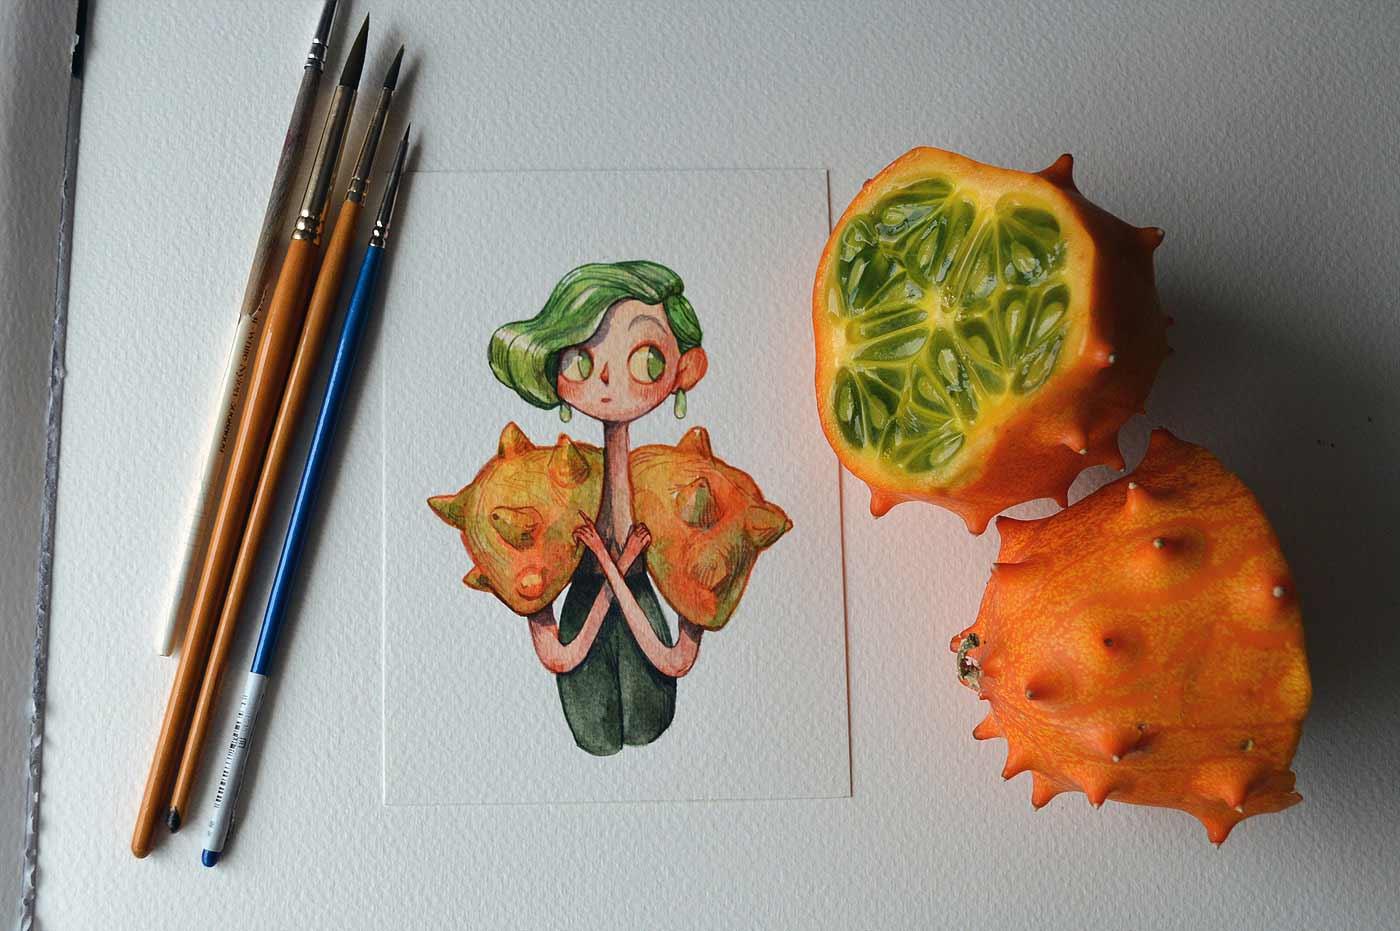 Früchte als Personen gezeichnet obst-als-personen-Marija-Tiurina_02